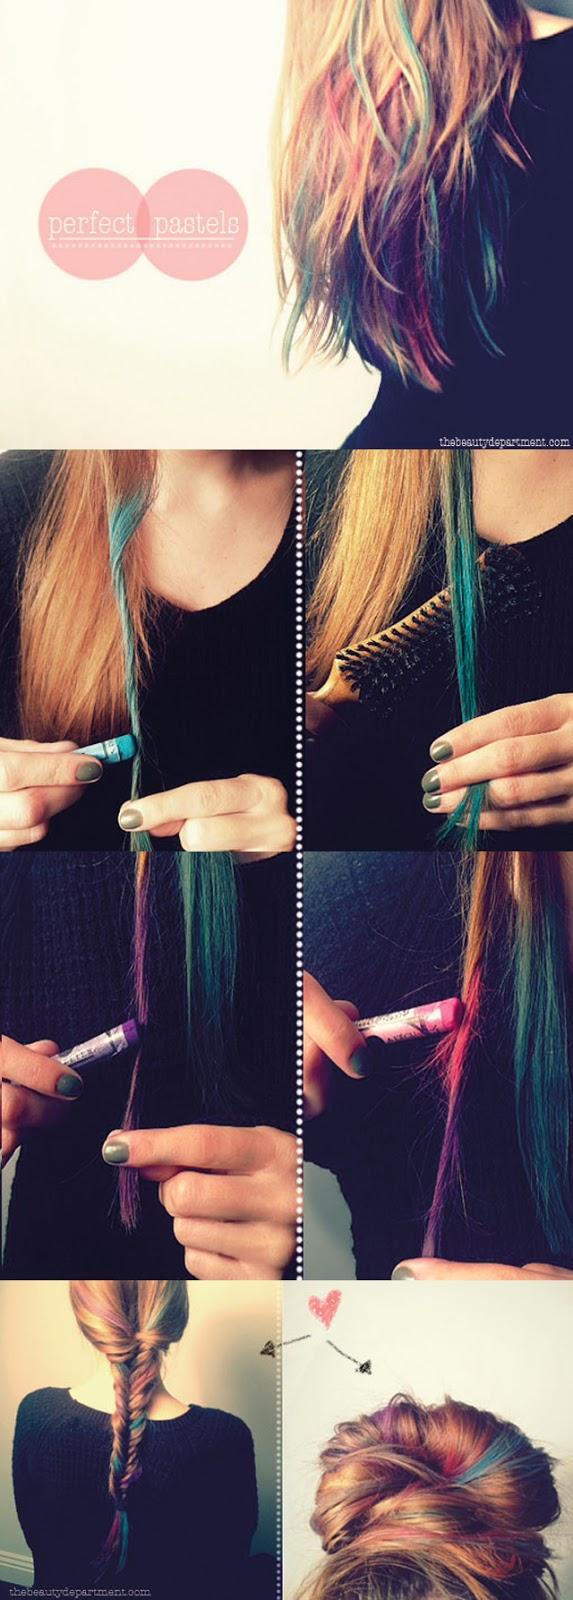 como fazer, mechas coloridas, passo a passo, cores, cabelo colorido, tons pastel